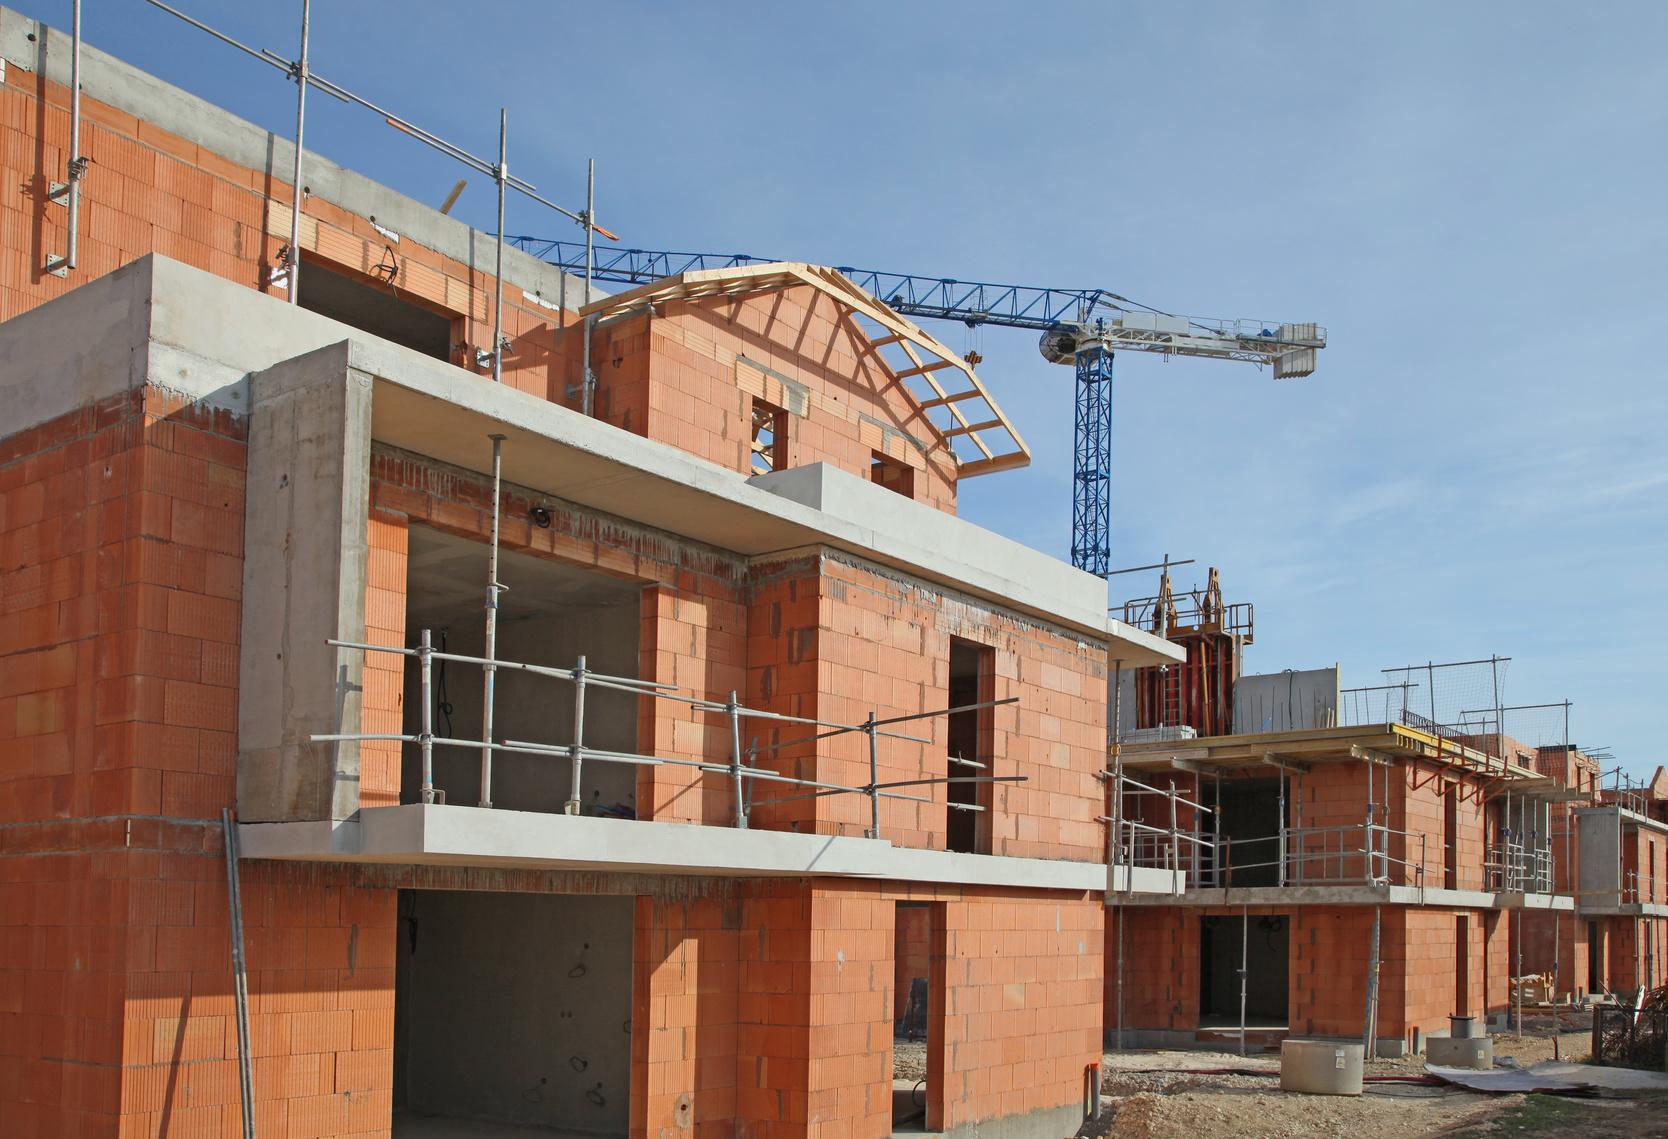 Prix moyen pour construire une maison souhaite accder la for Prix du m2 pour construire une maison